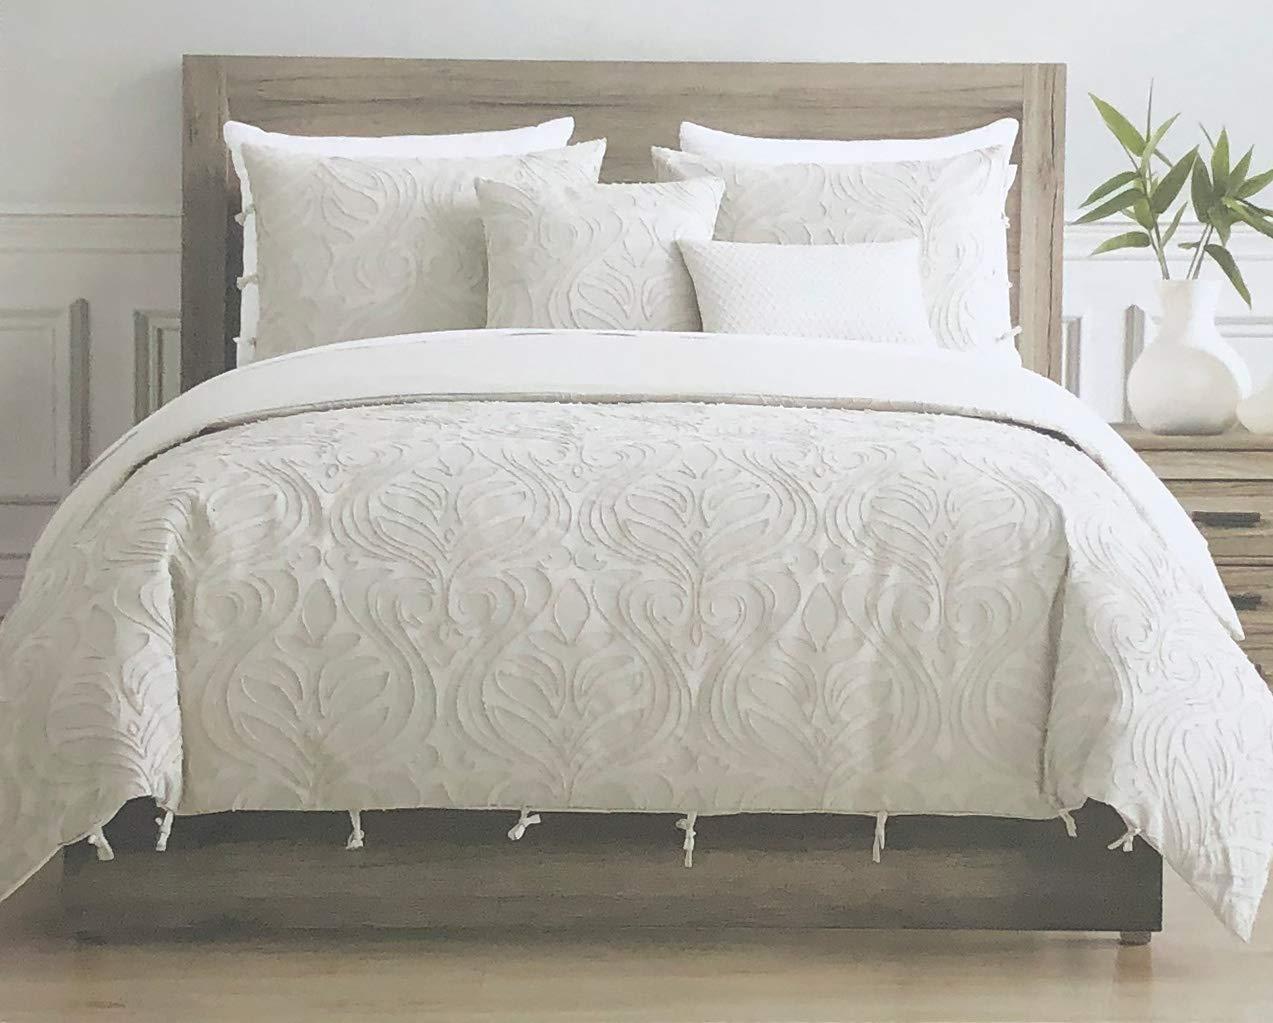 Tahari Home Maison 寝具 キングサイズ 高級 3ピース 掛け布団カバー セット 質感のある織物 コットンクリップ ジャカード モダン 抽象模様 ライトタン スレッドオン クリーム/ライトタン - ザハ、エクリュ B07LDVVFHX